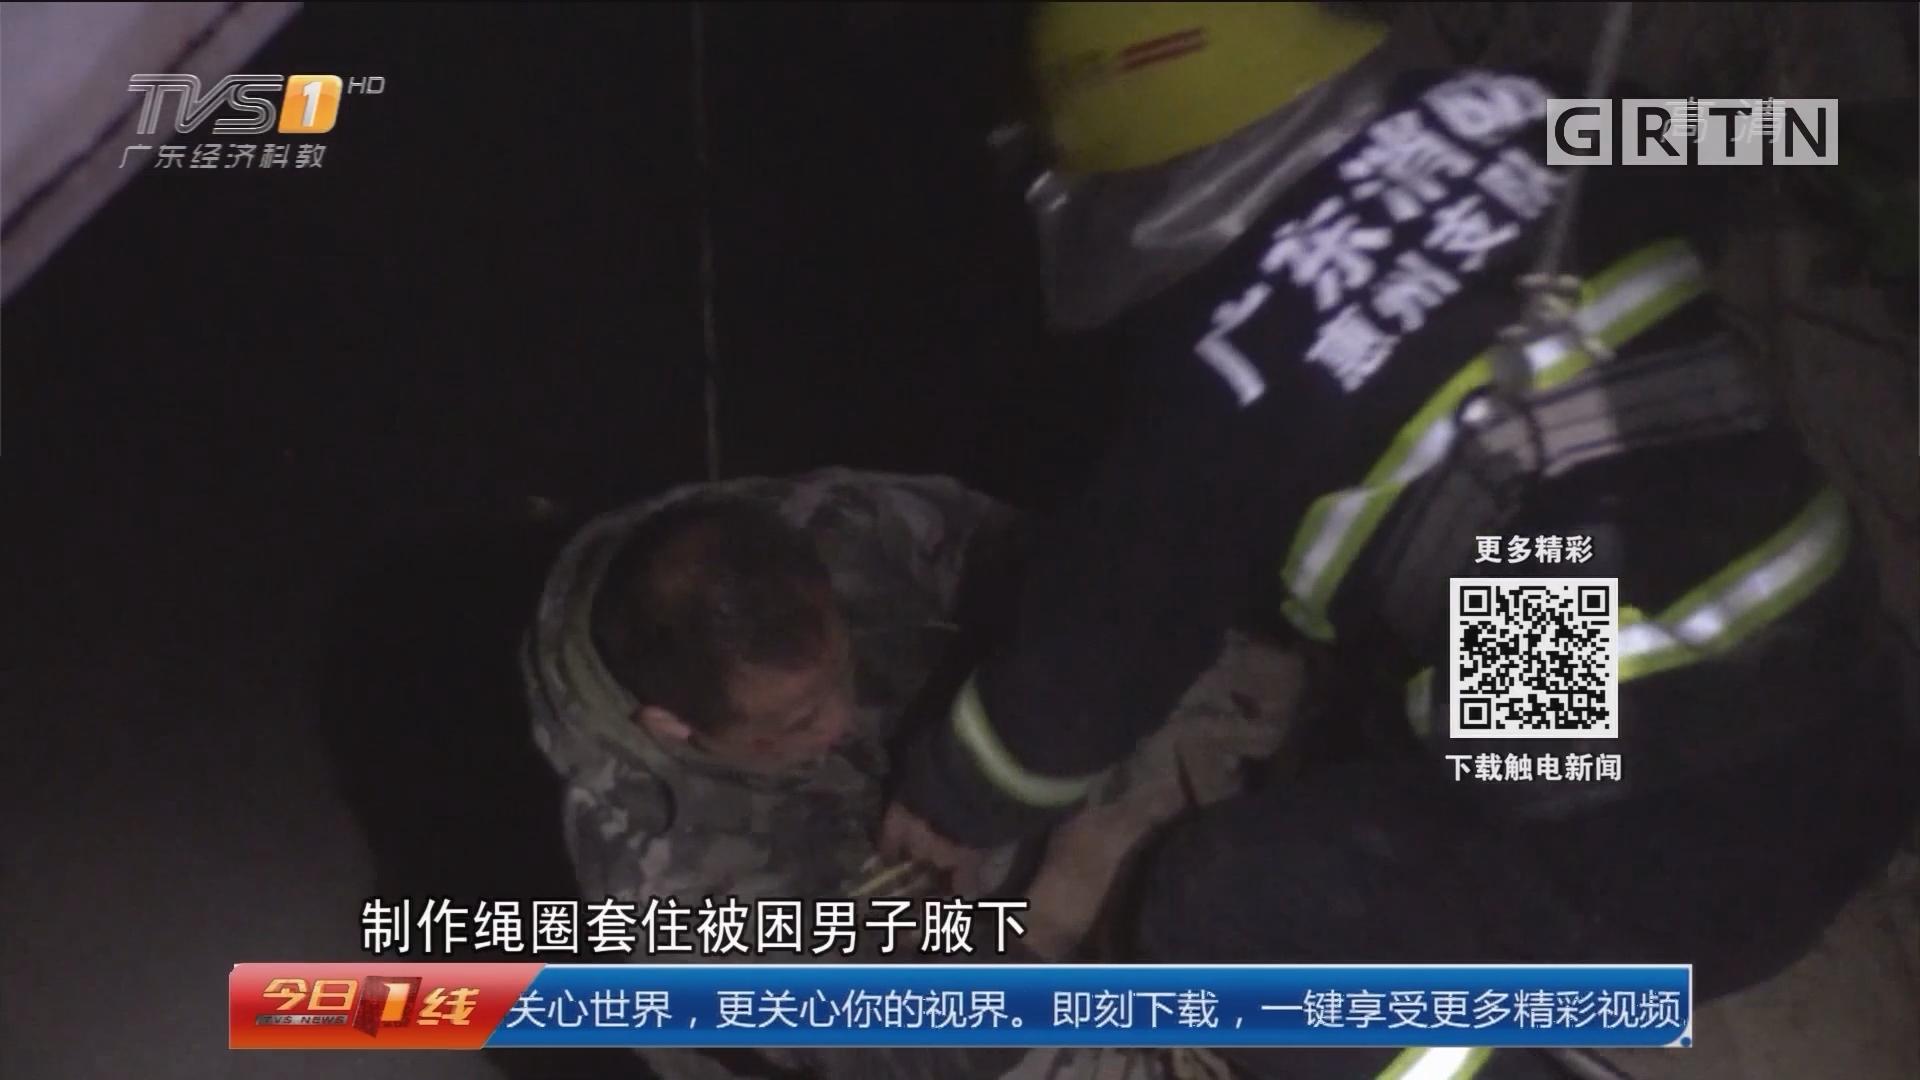 惠州仲恺:醉汉坠河 消防营救